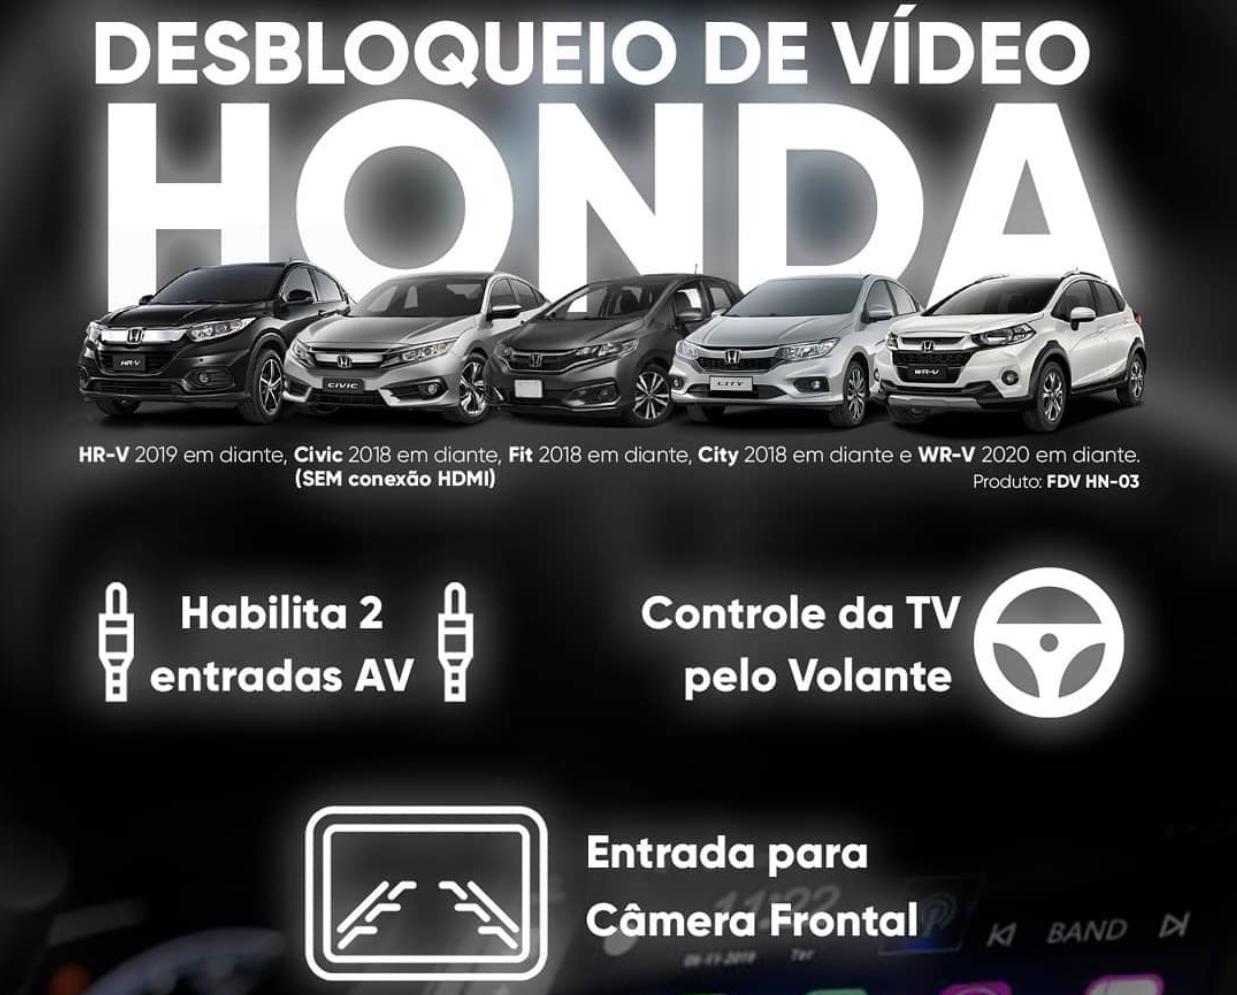 Desbloqueio de vídeo Flexitron para linha Honda